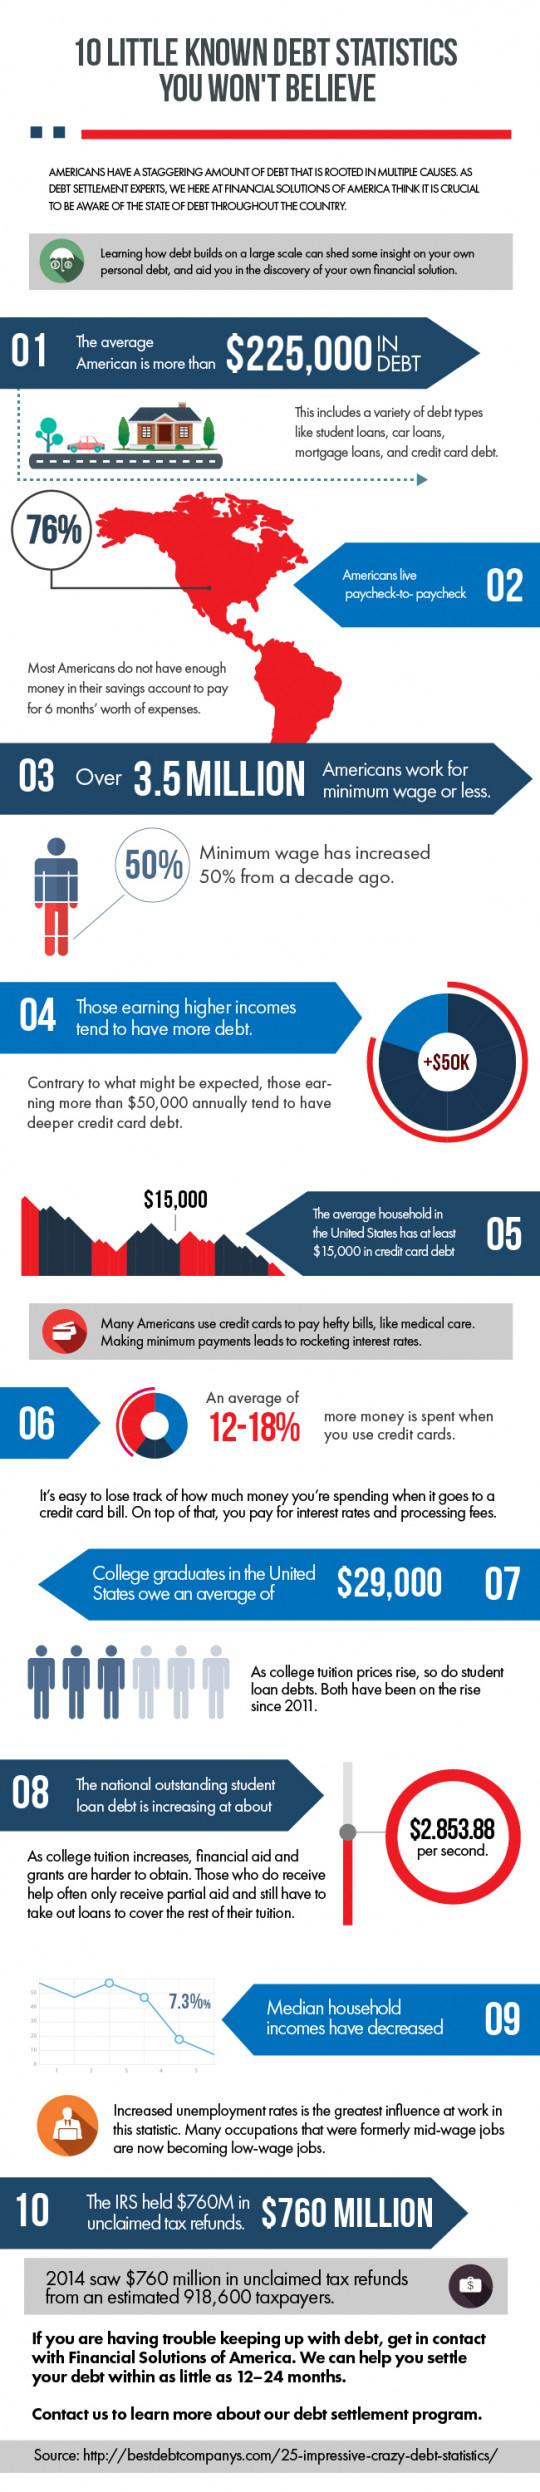 10 Little Known Debt Statistics You Won